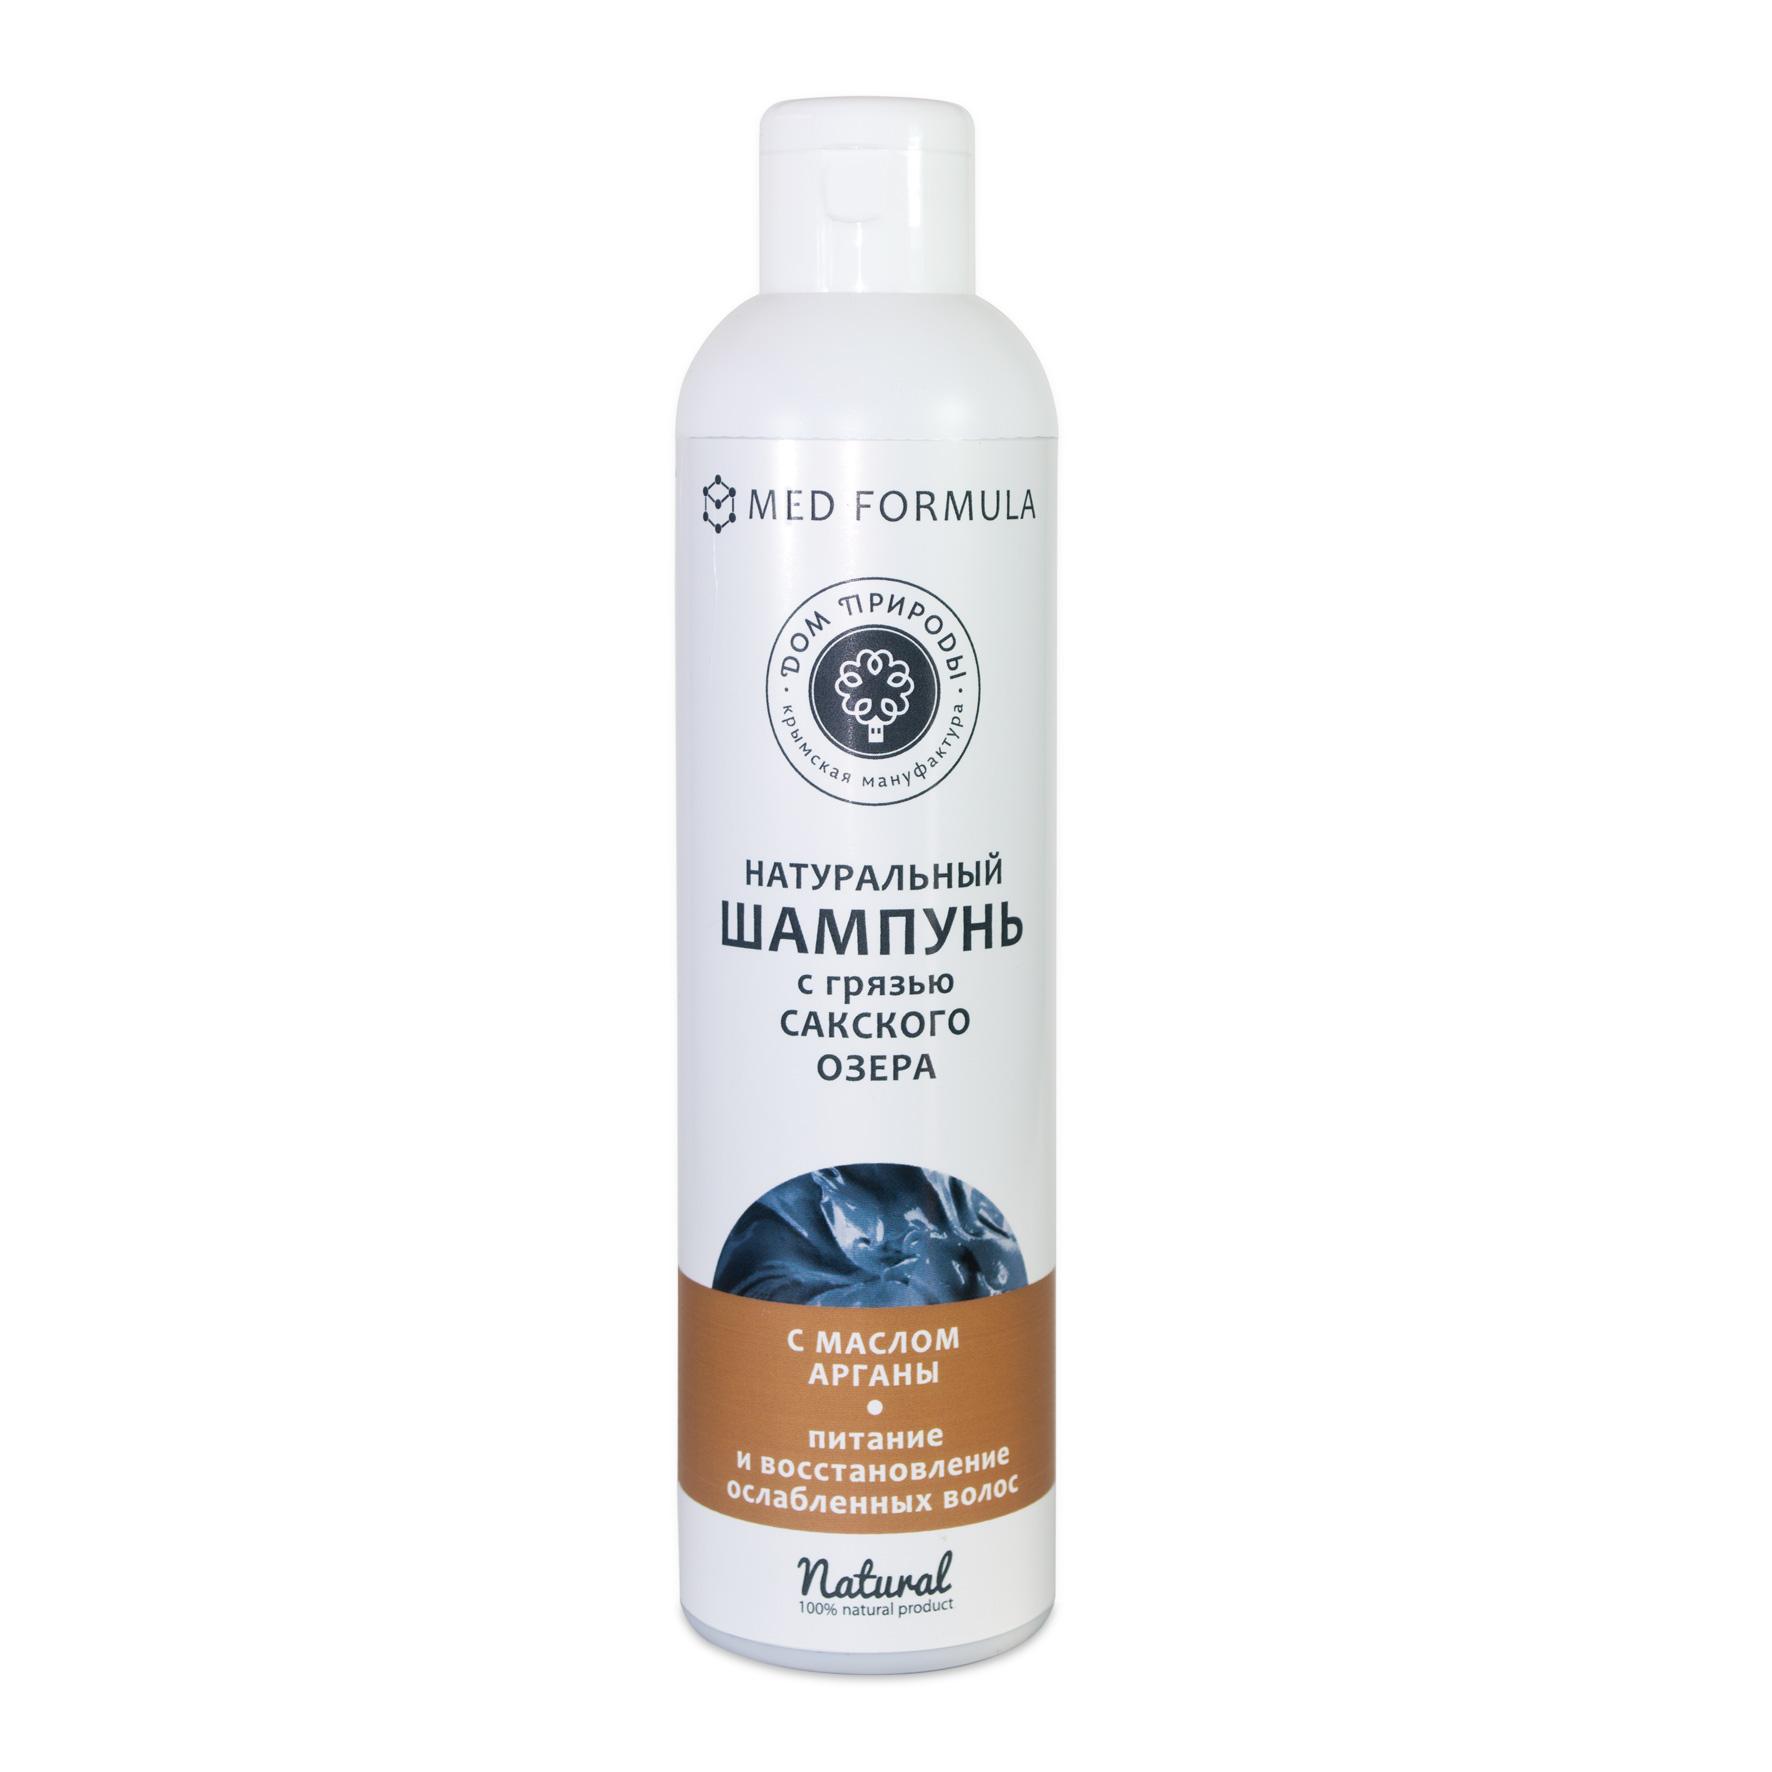 Шампунь с грязью Сакского озера с маслом арганы - питание и восстановление ослабленных волос 250 гр.